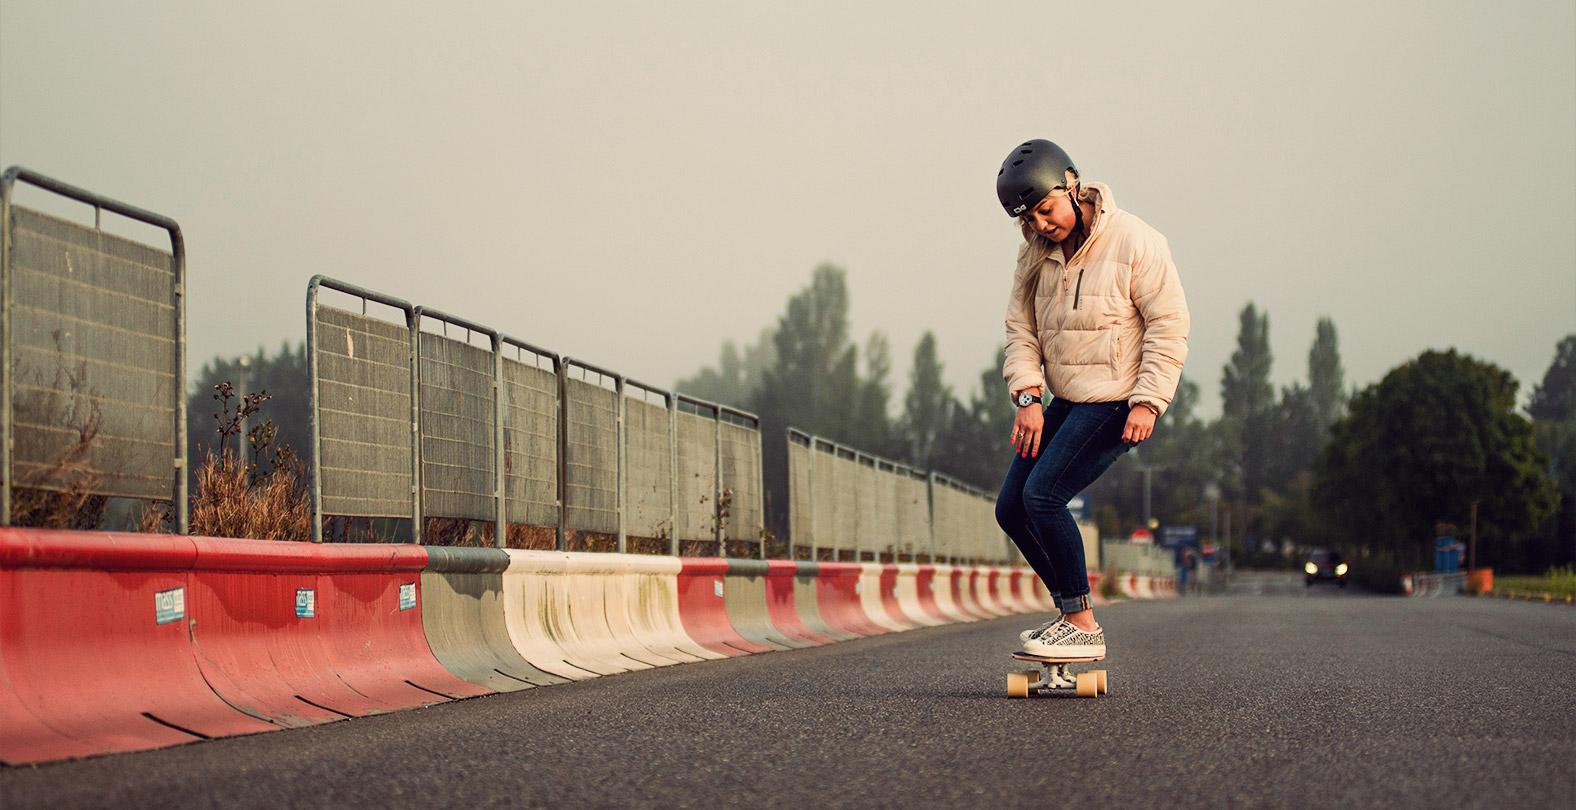 Aimee Fuller skateboarding